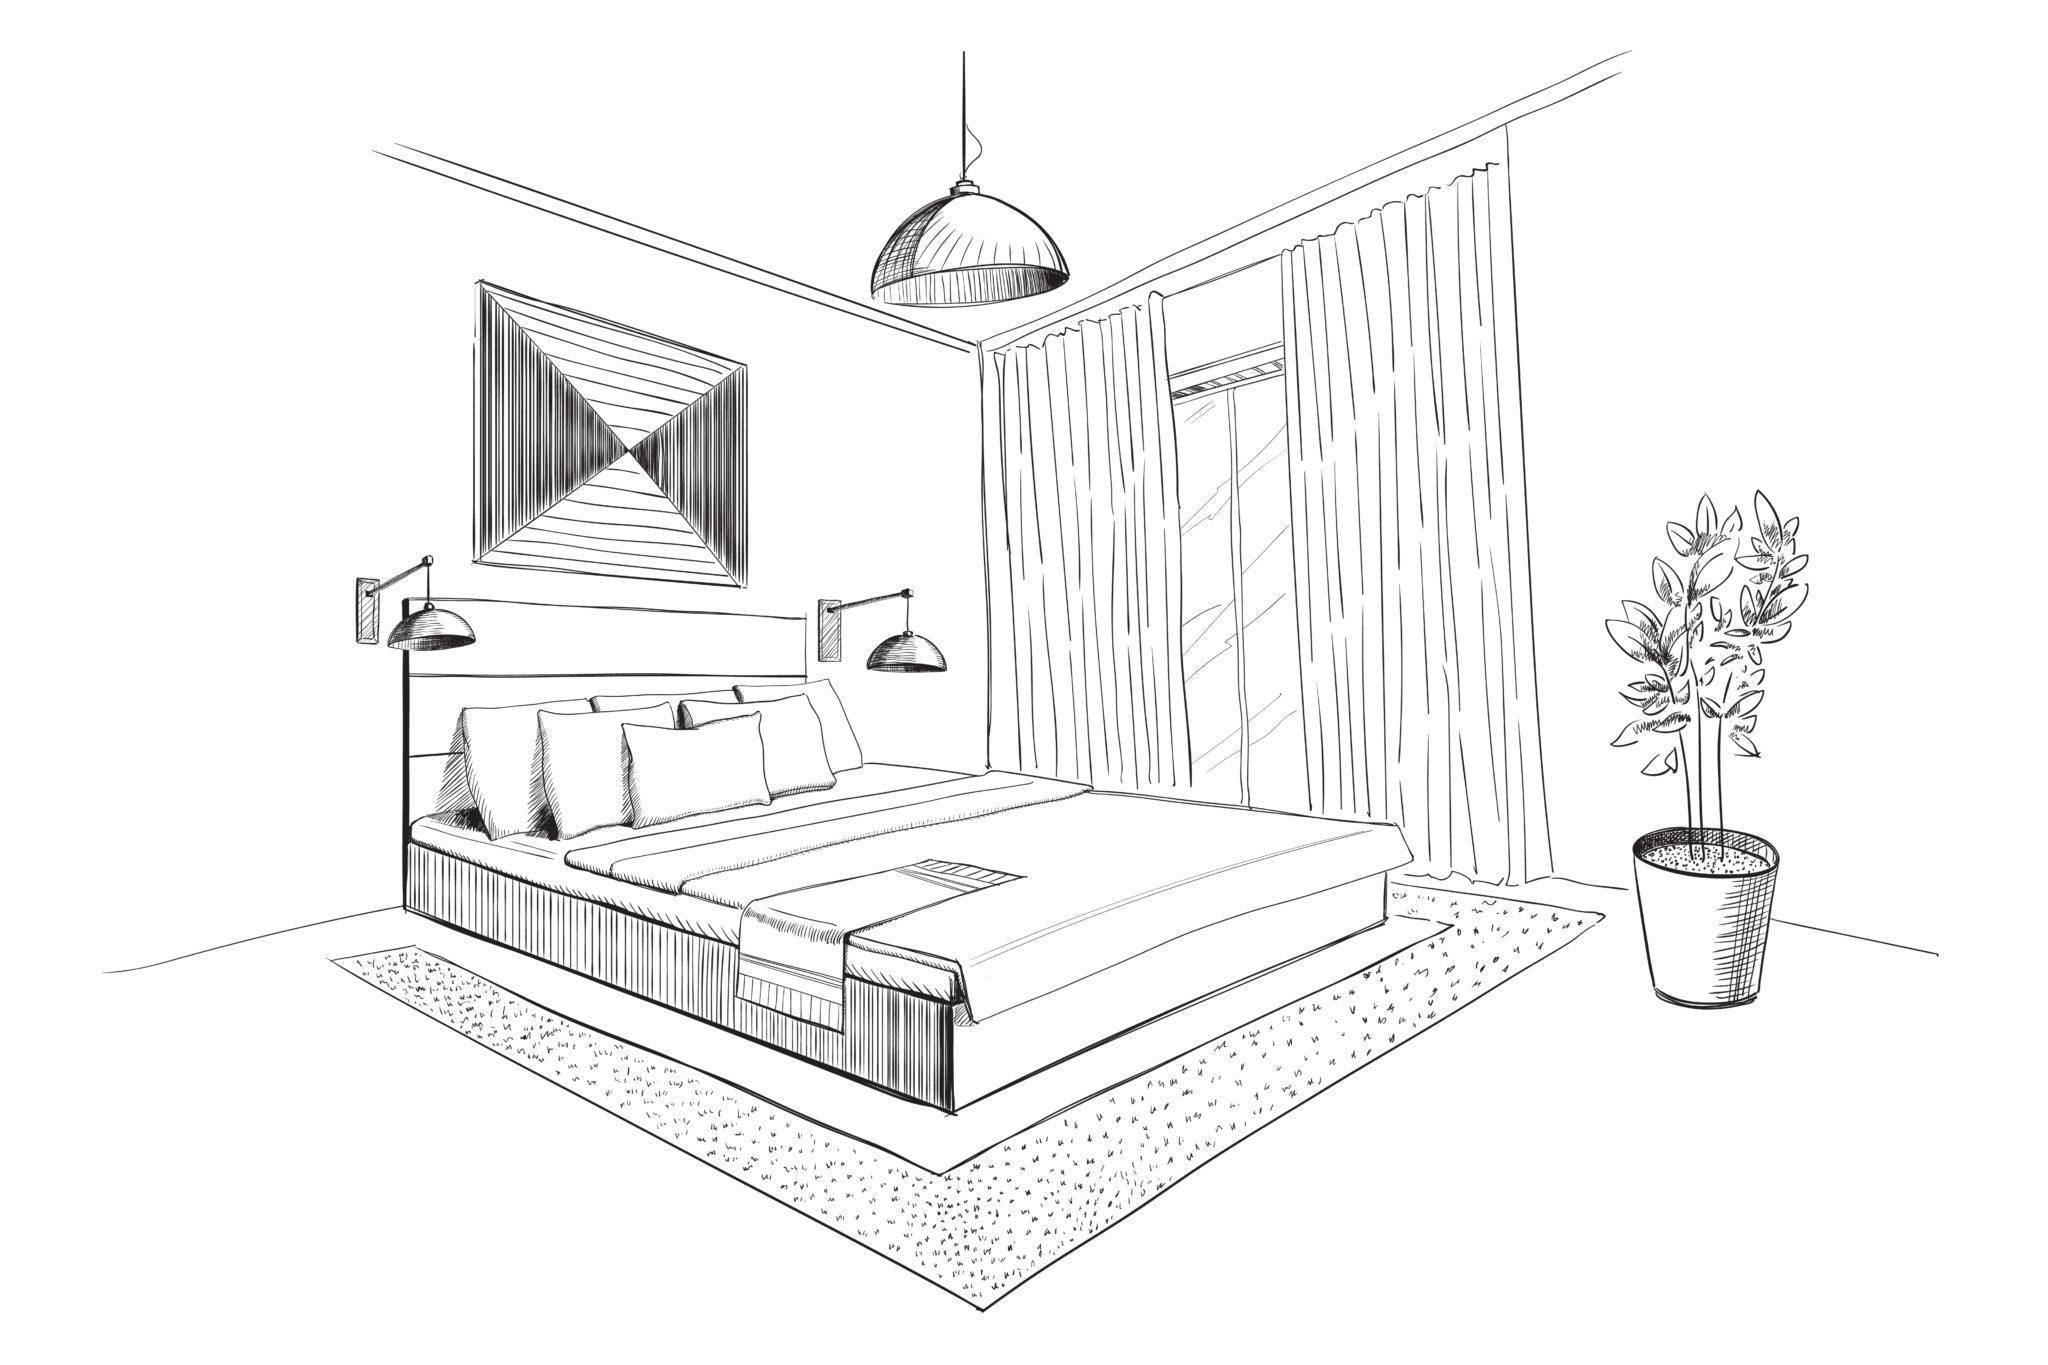 Bedroom interior sketch.